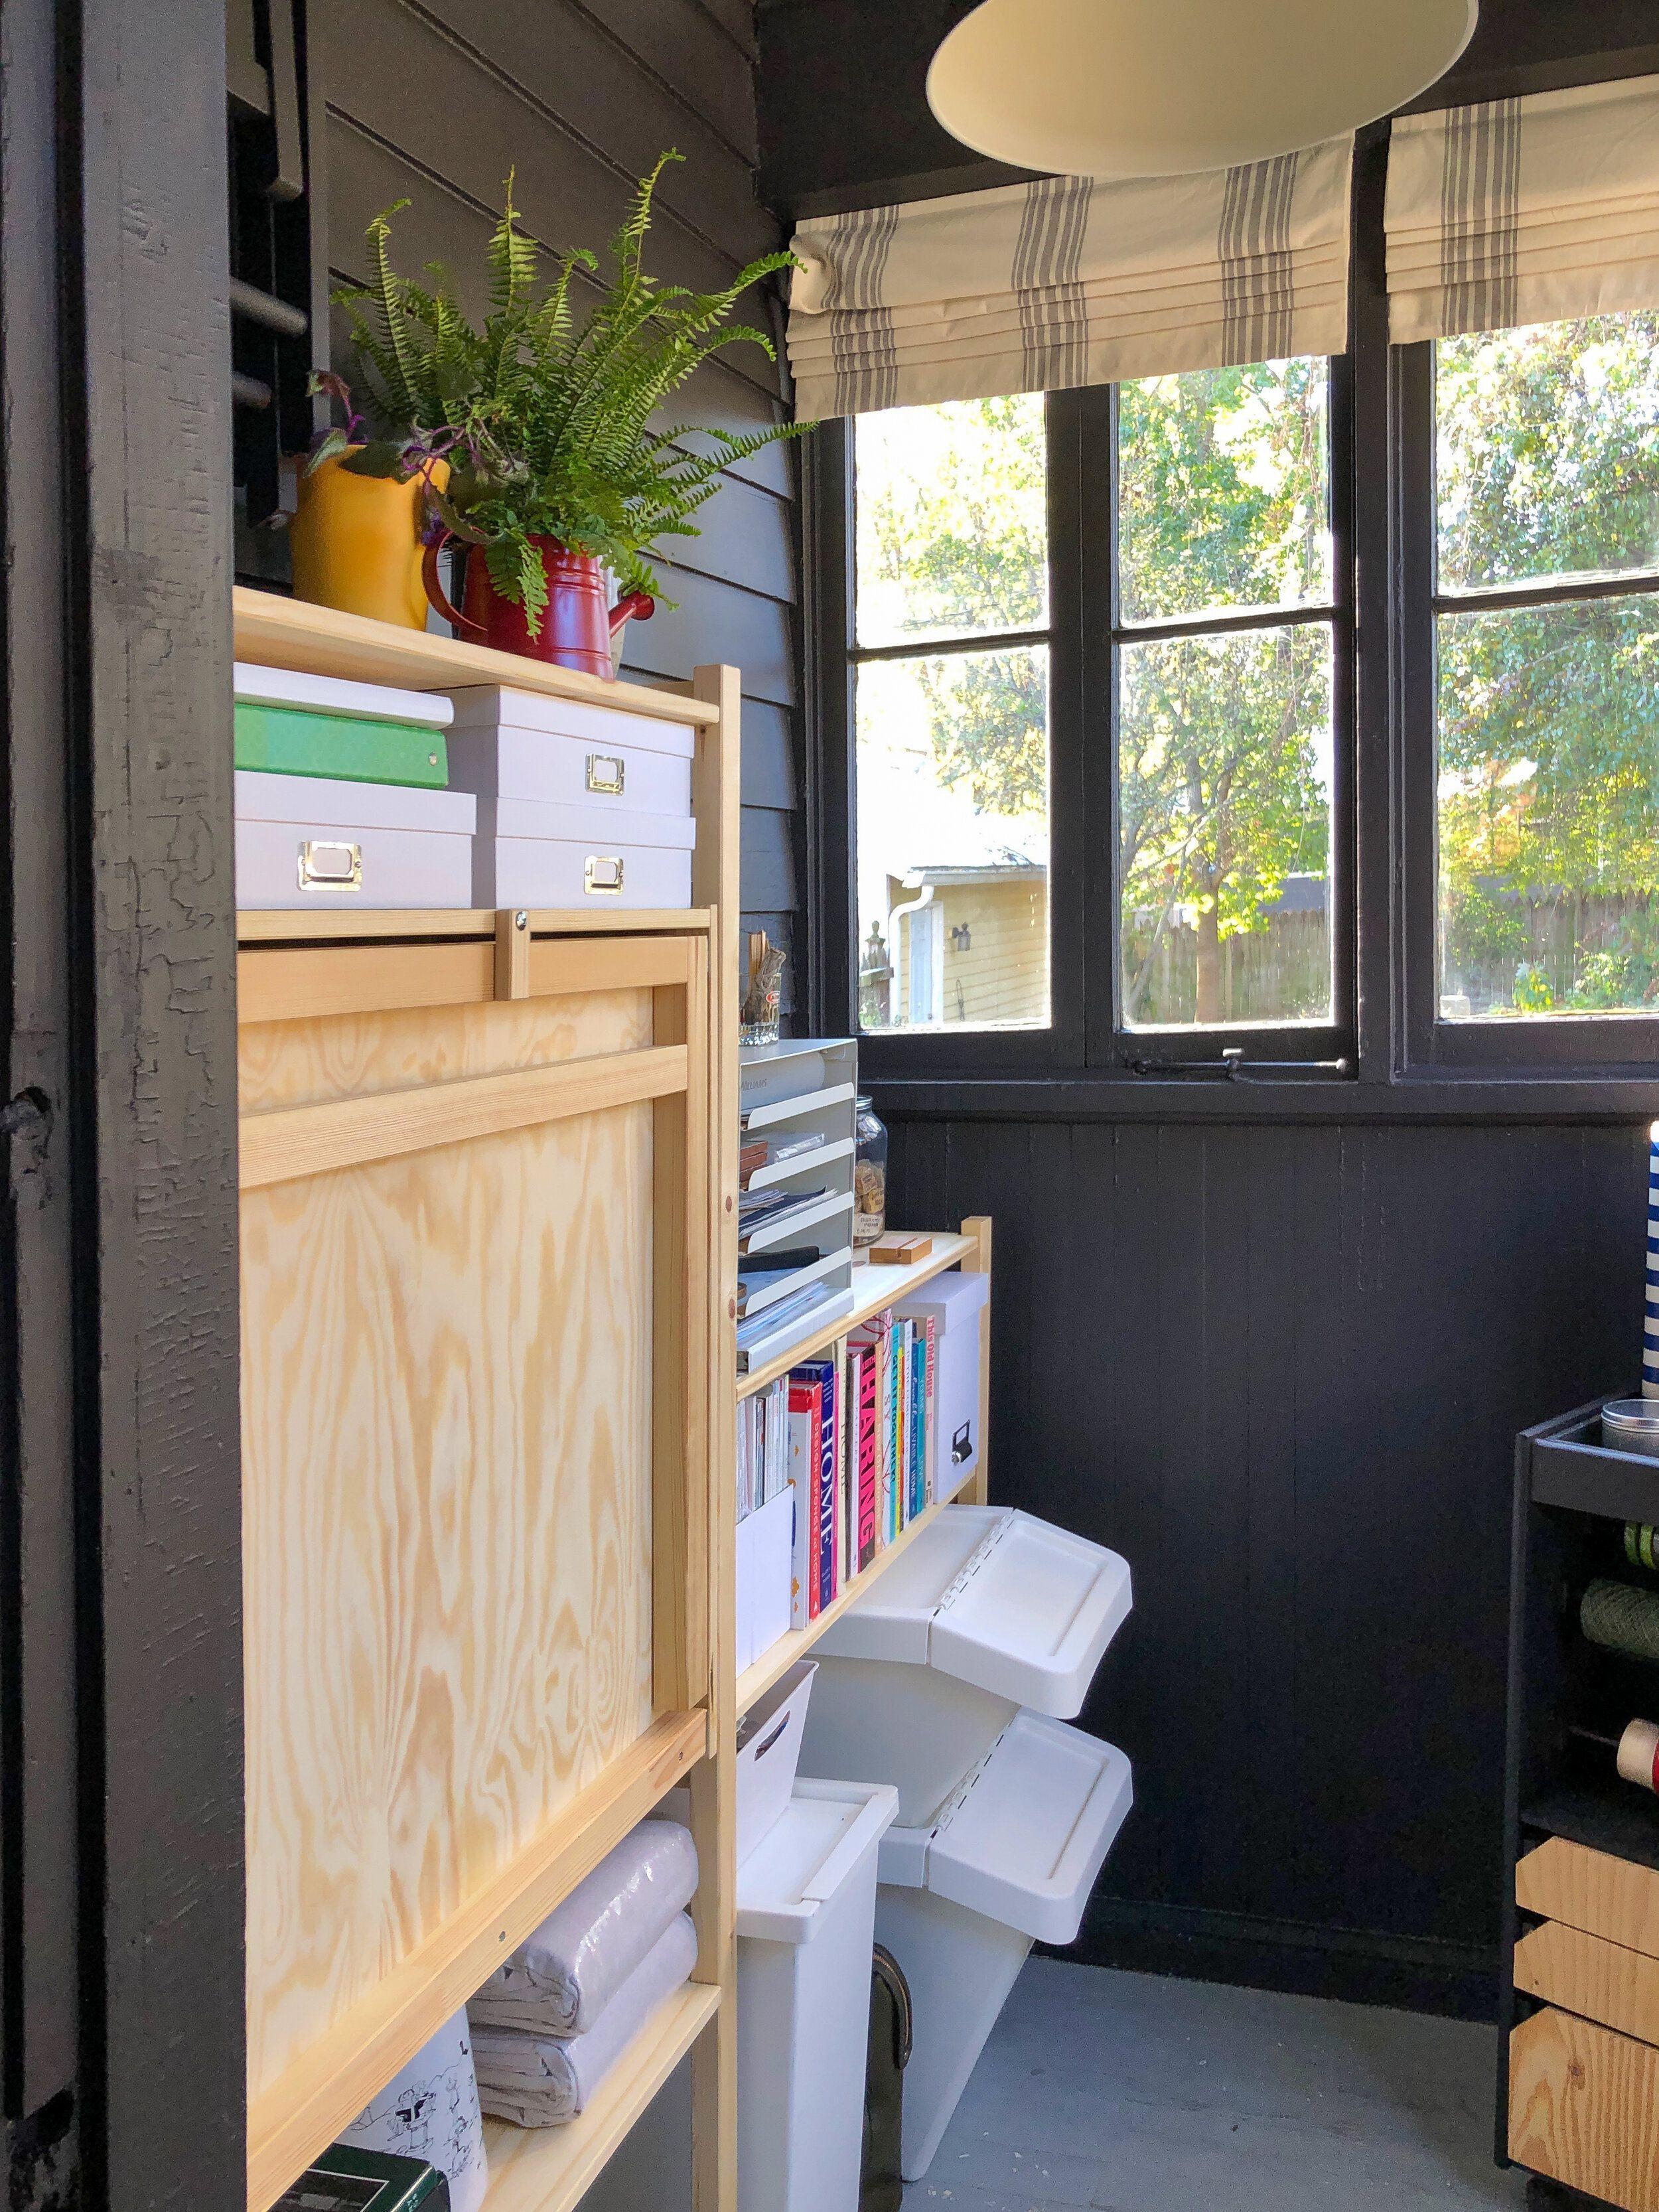 Pin On Office Design Ideas